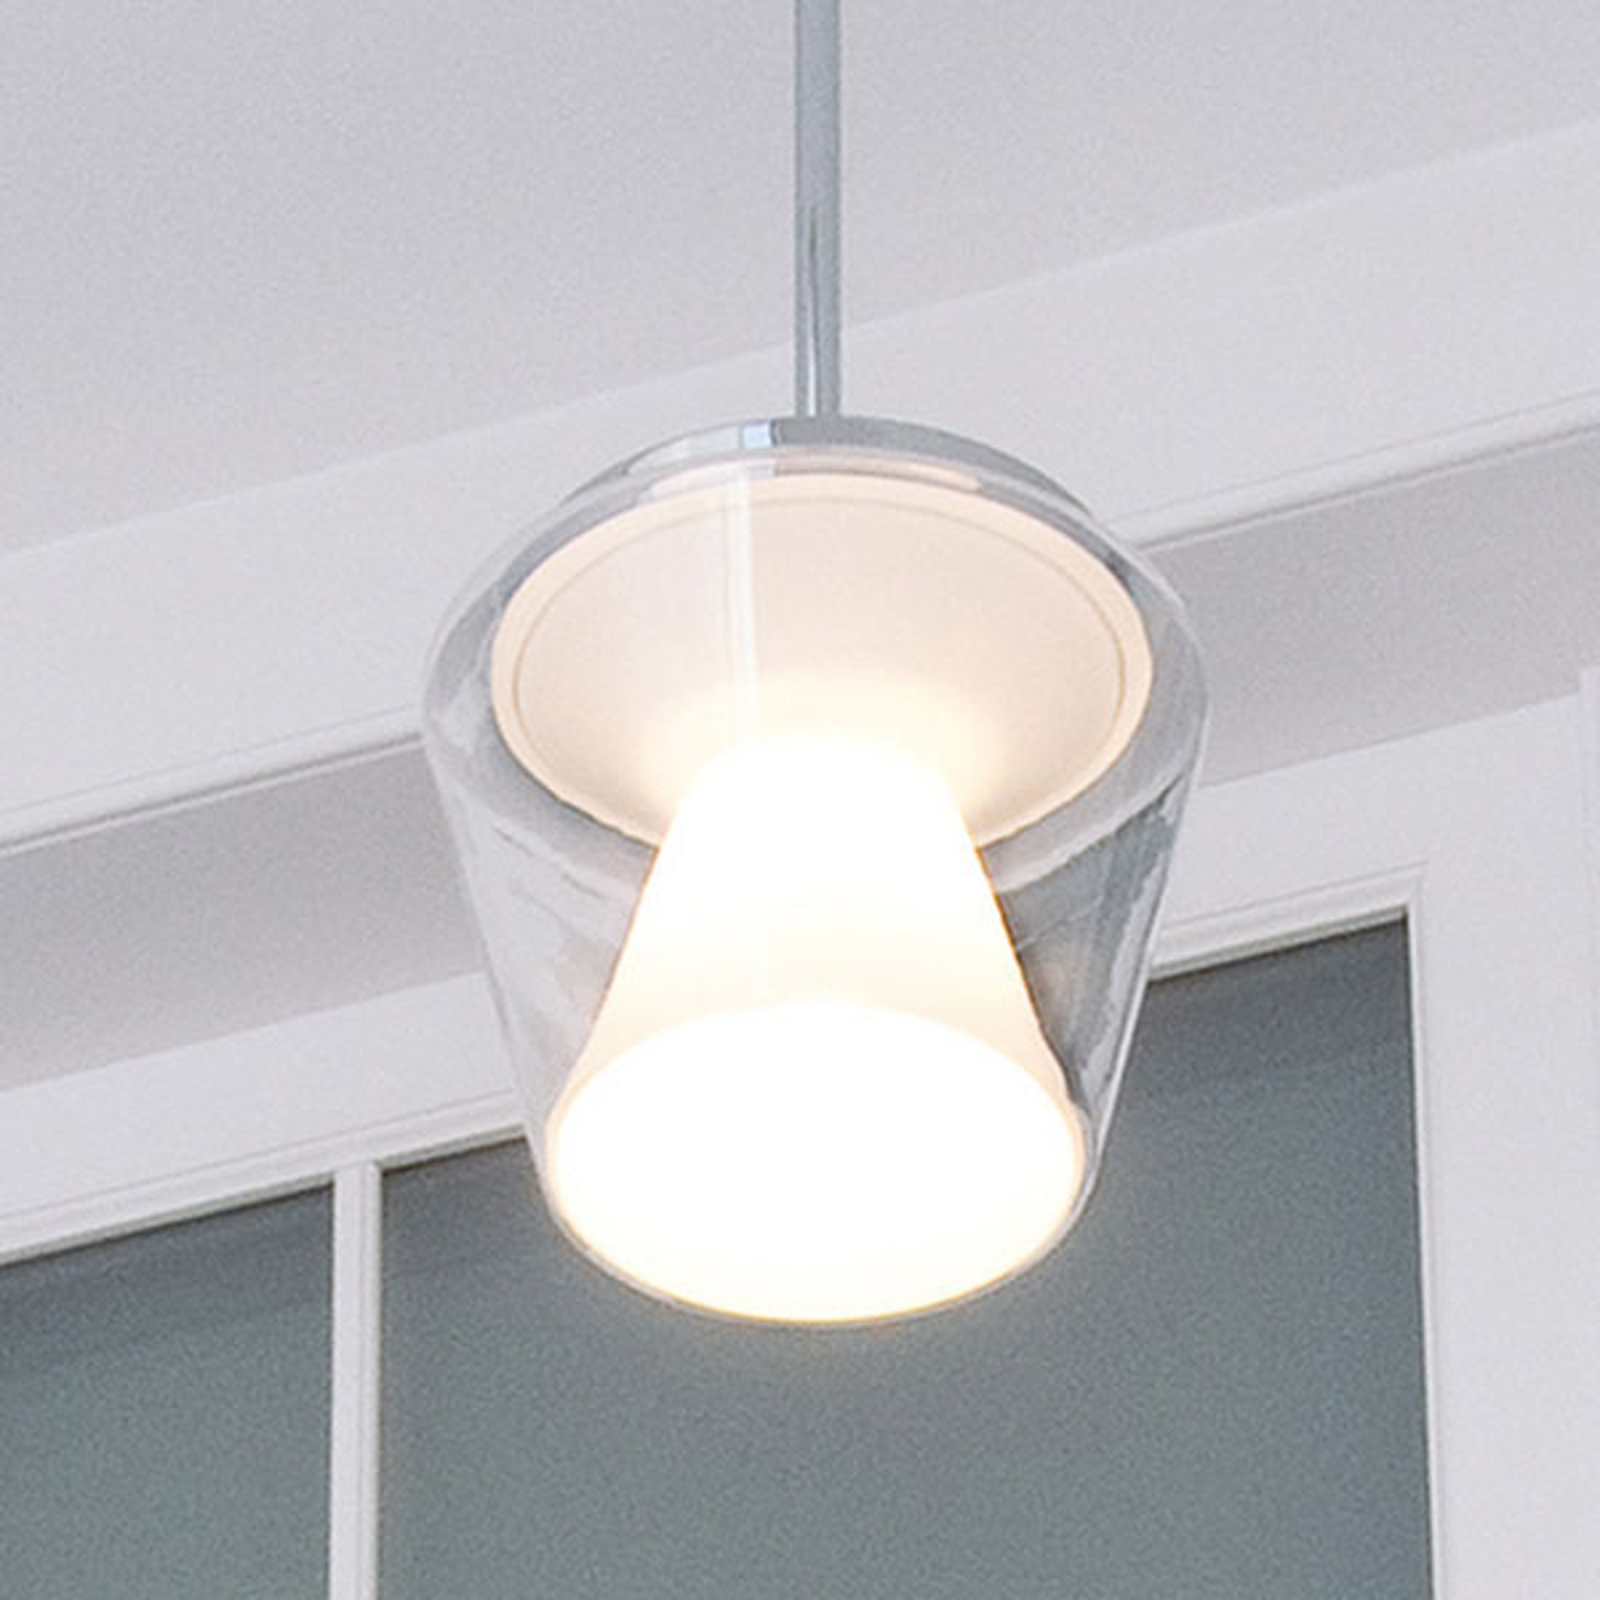 serien.lighting Annex M Pendel 13W 2.700K opal